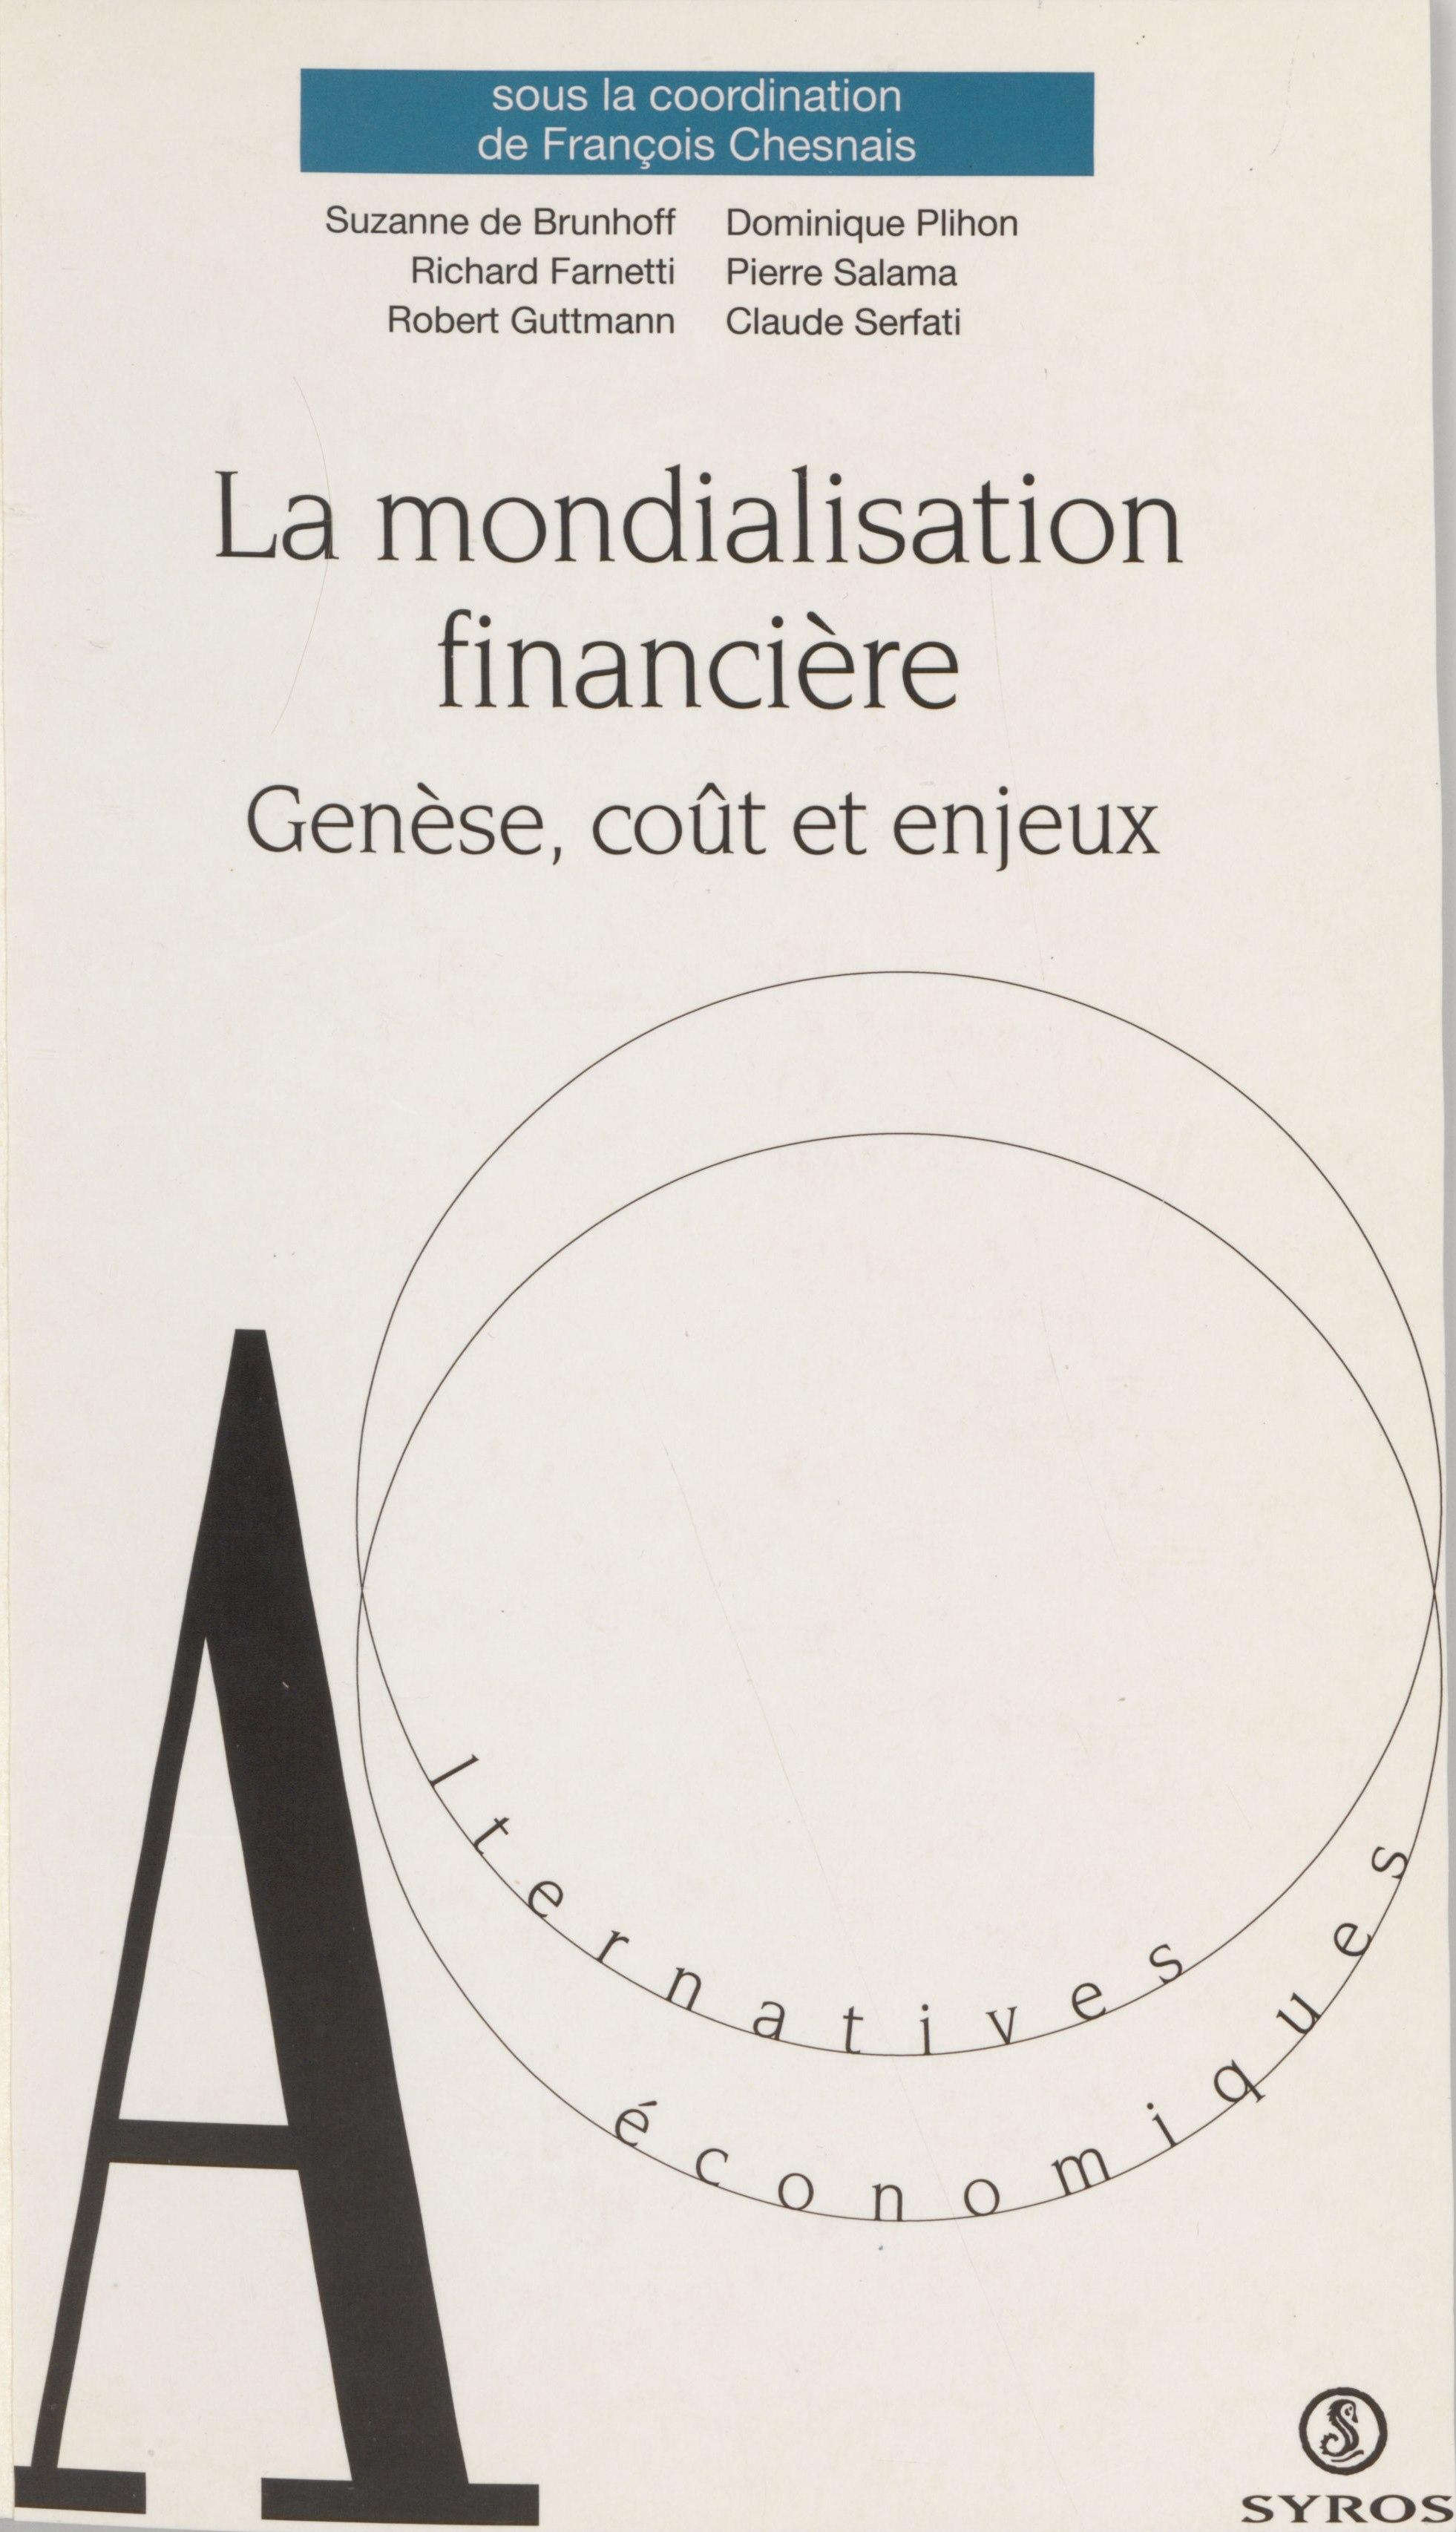 La mondialisation financière, Genèse, coût et enjeu